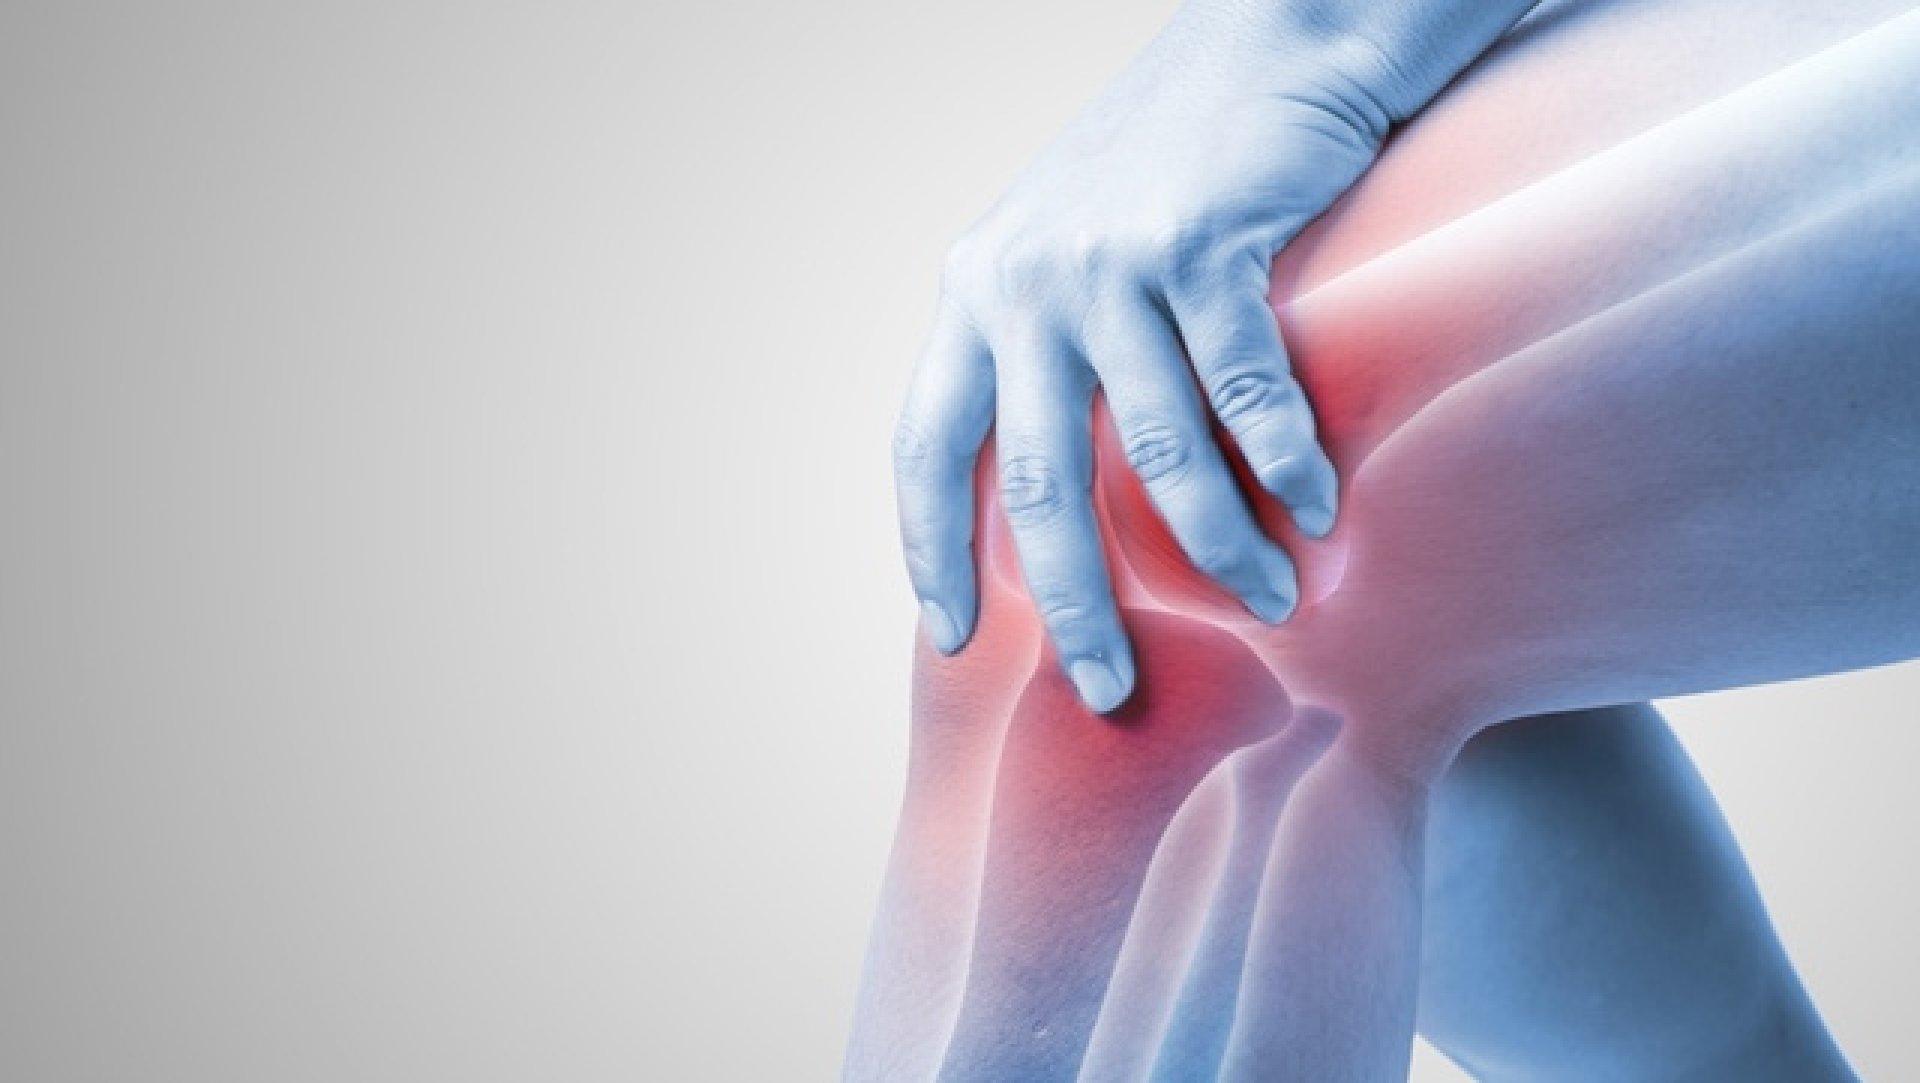 durere plictisitoare în oasele musculare